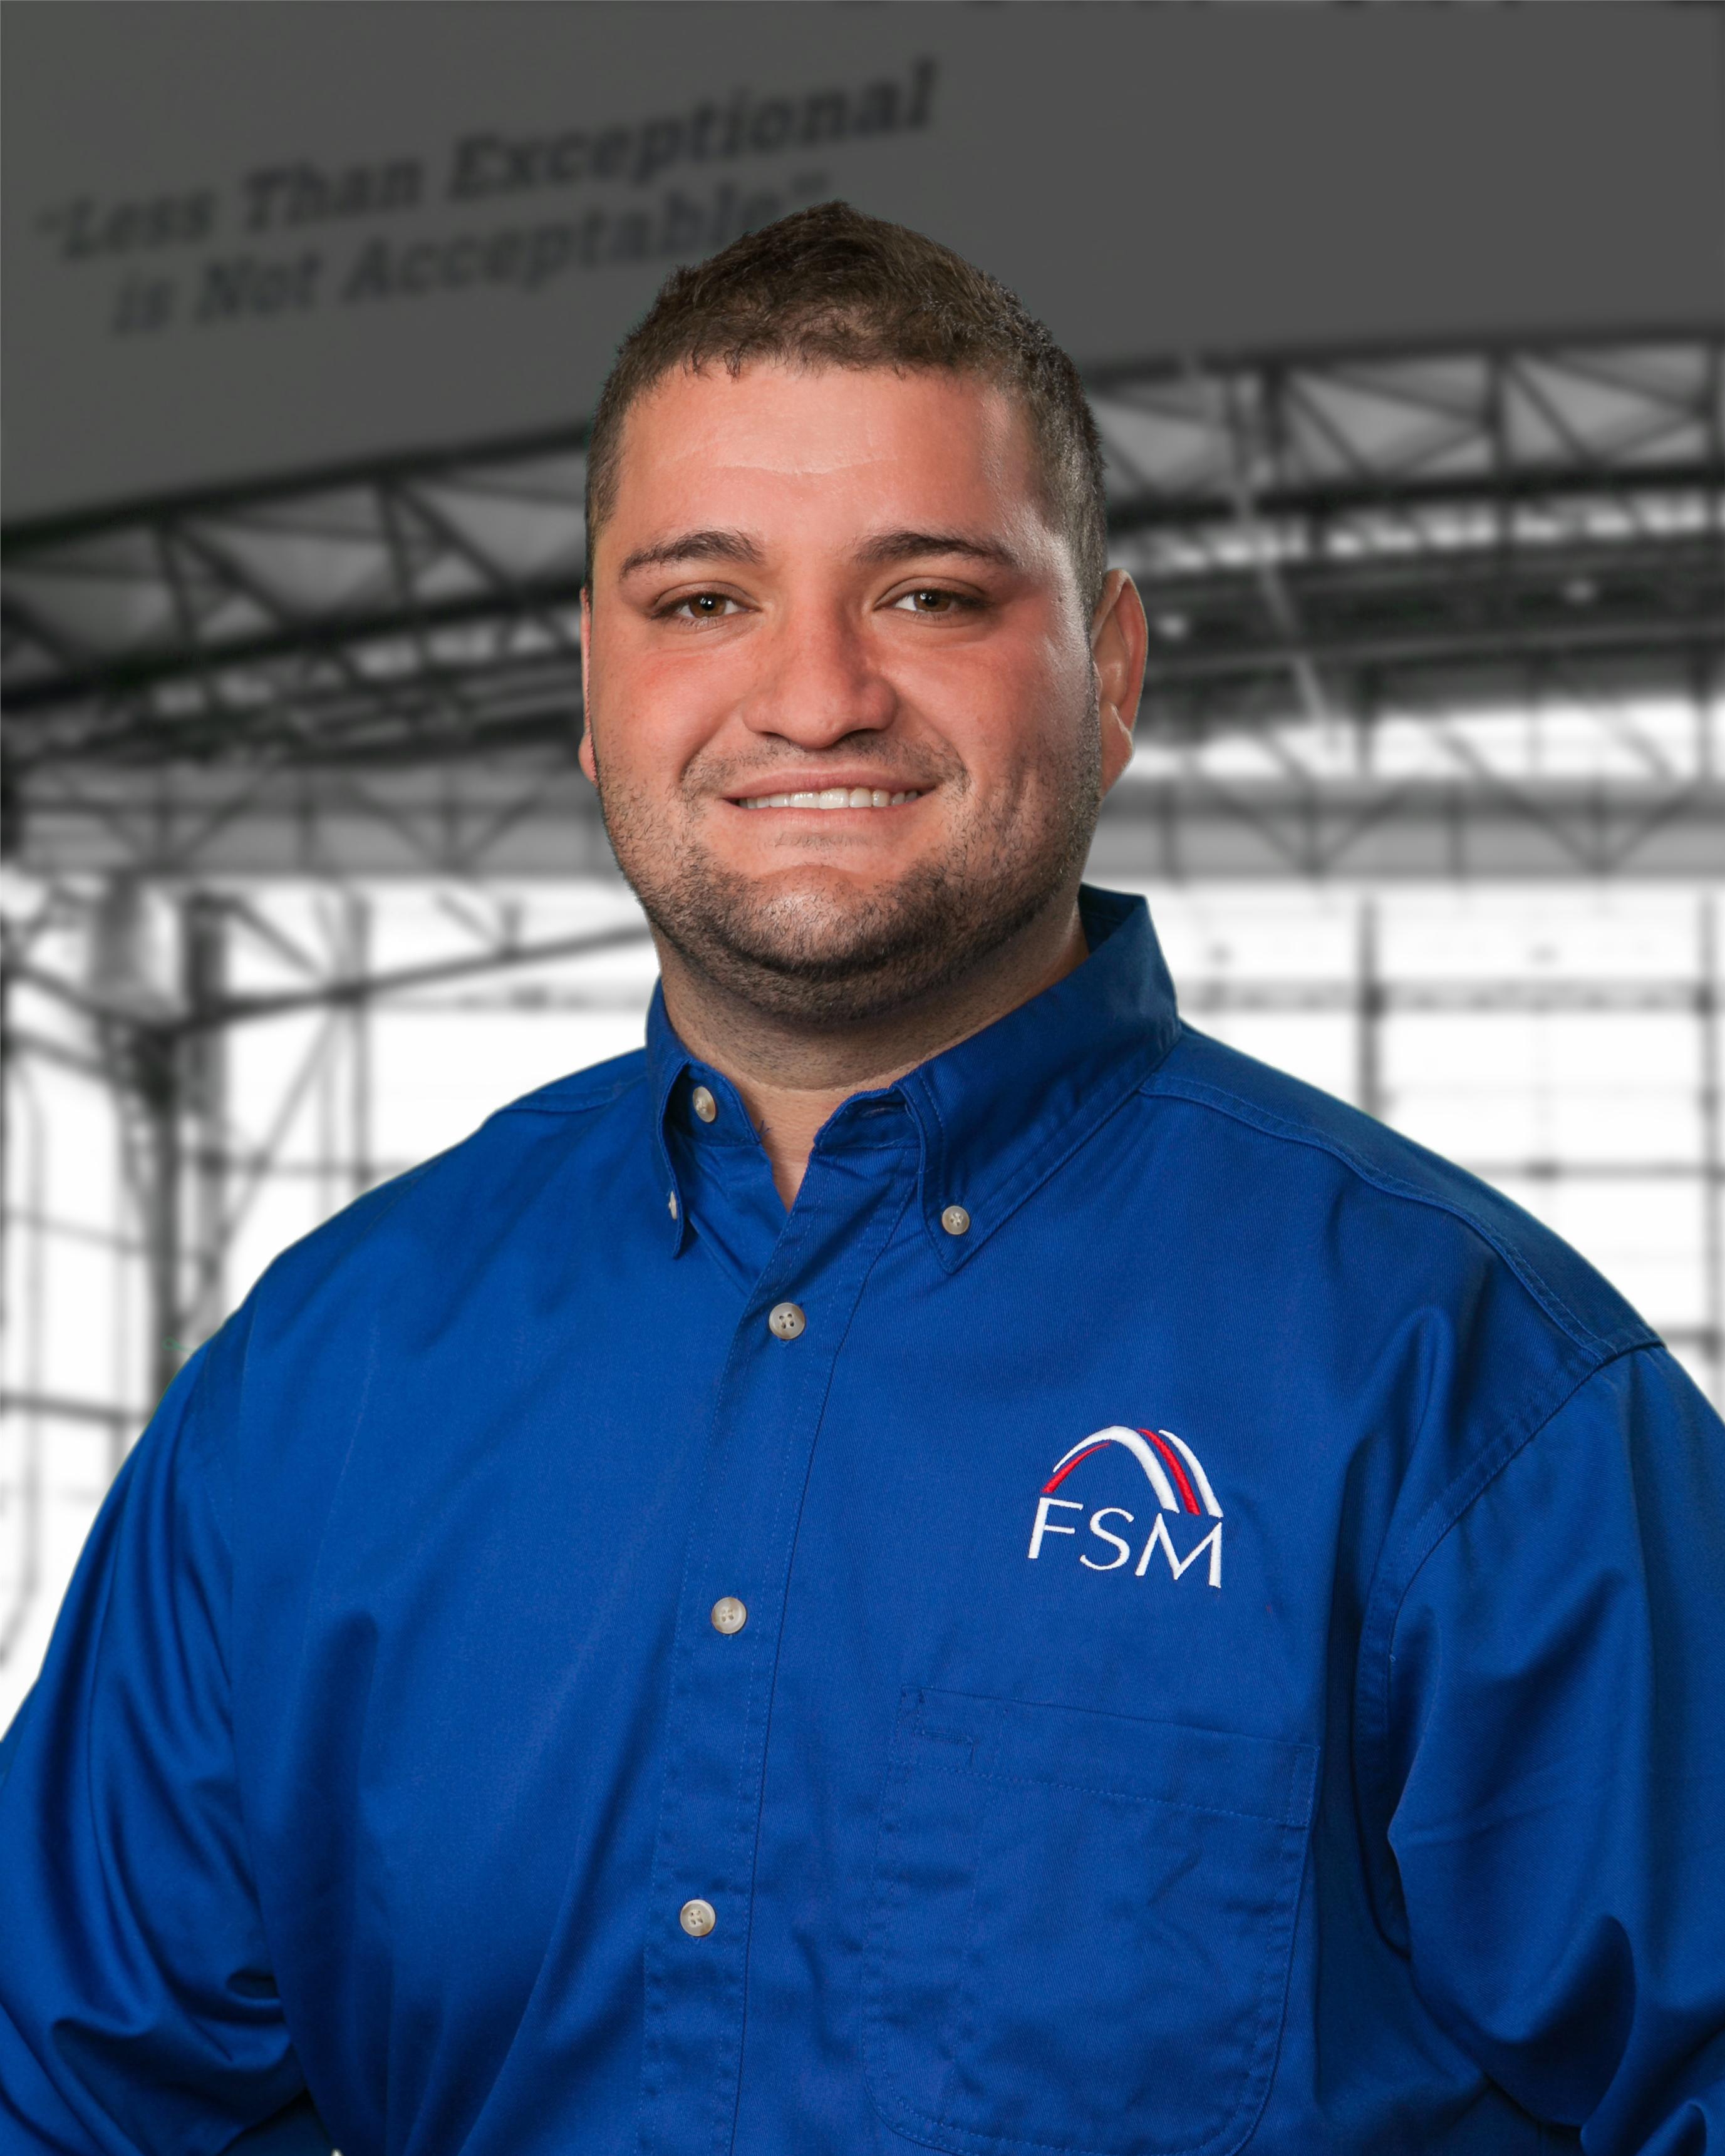 FSM Luis Serratos Foreman